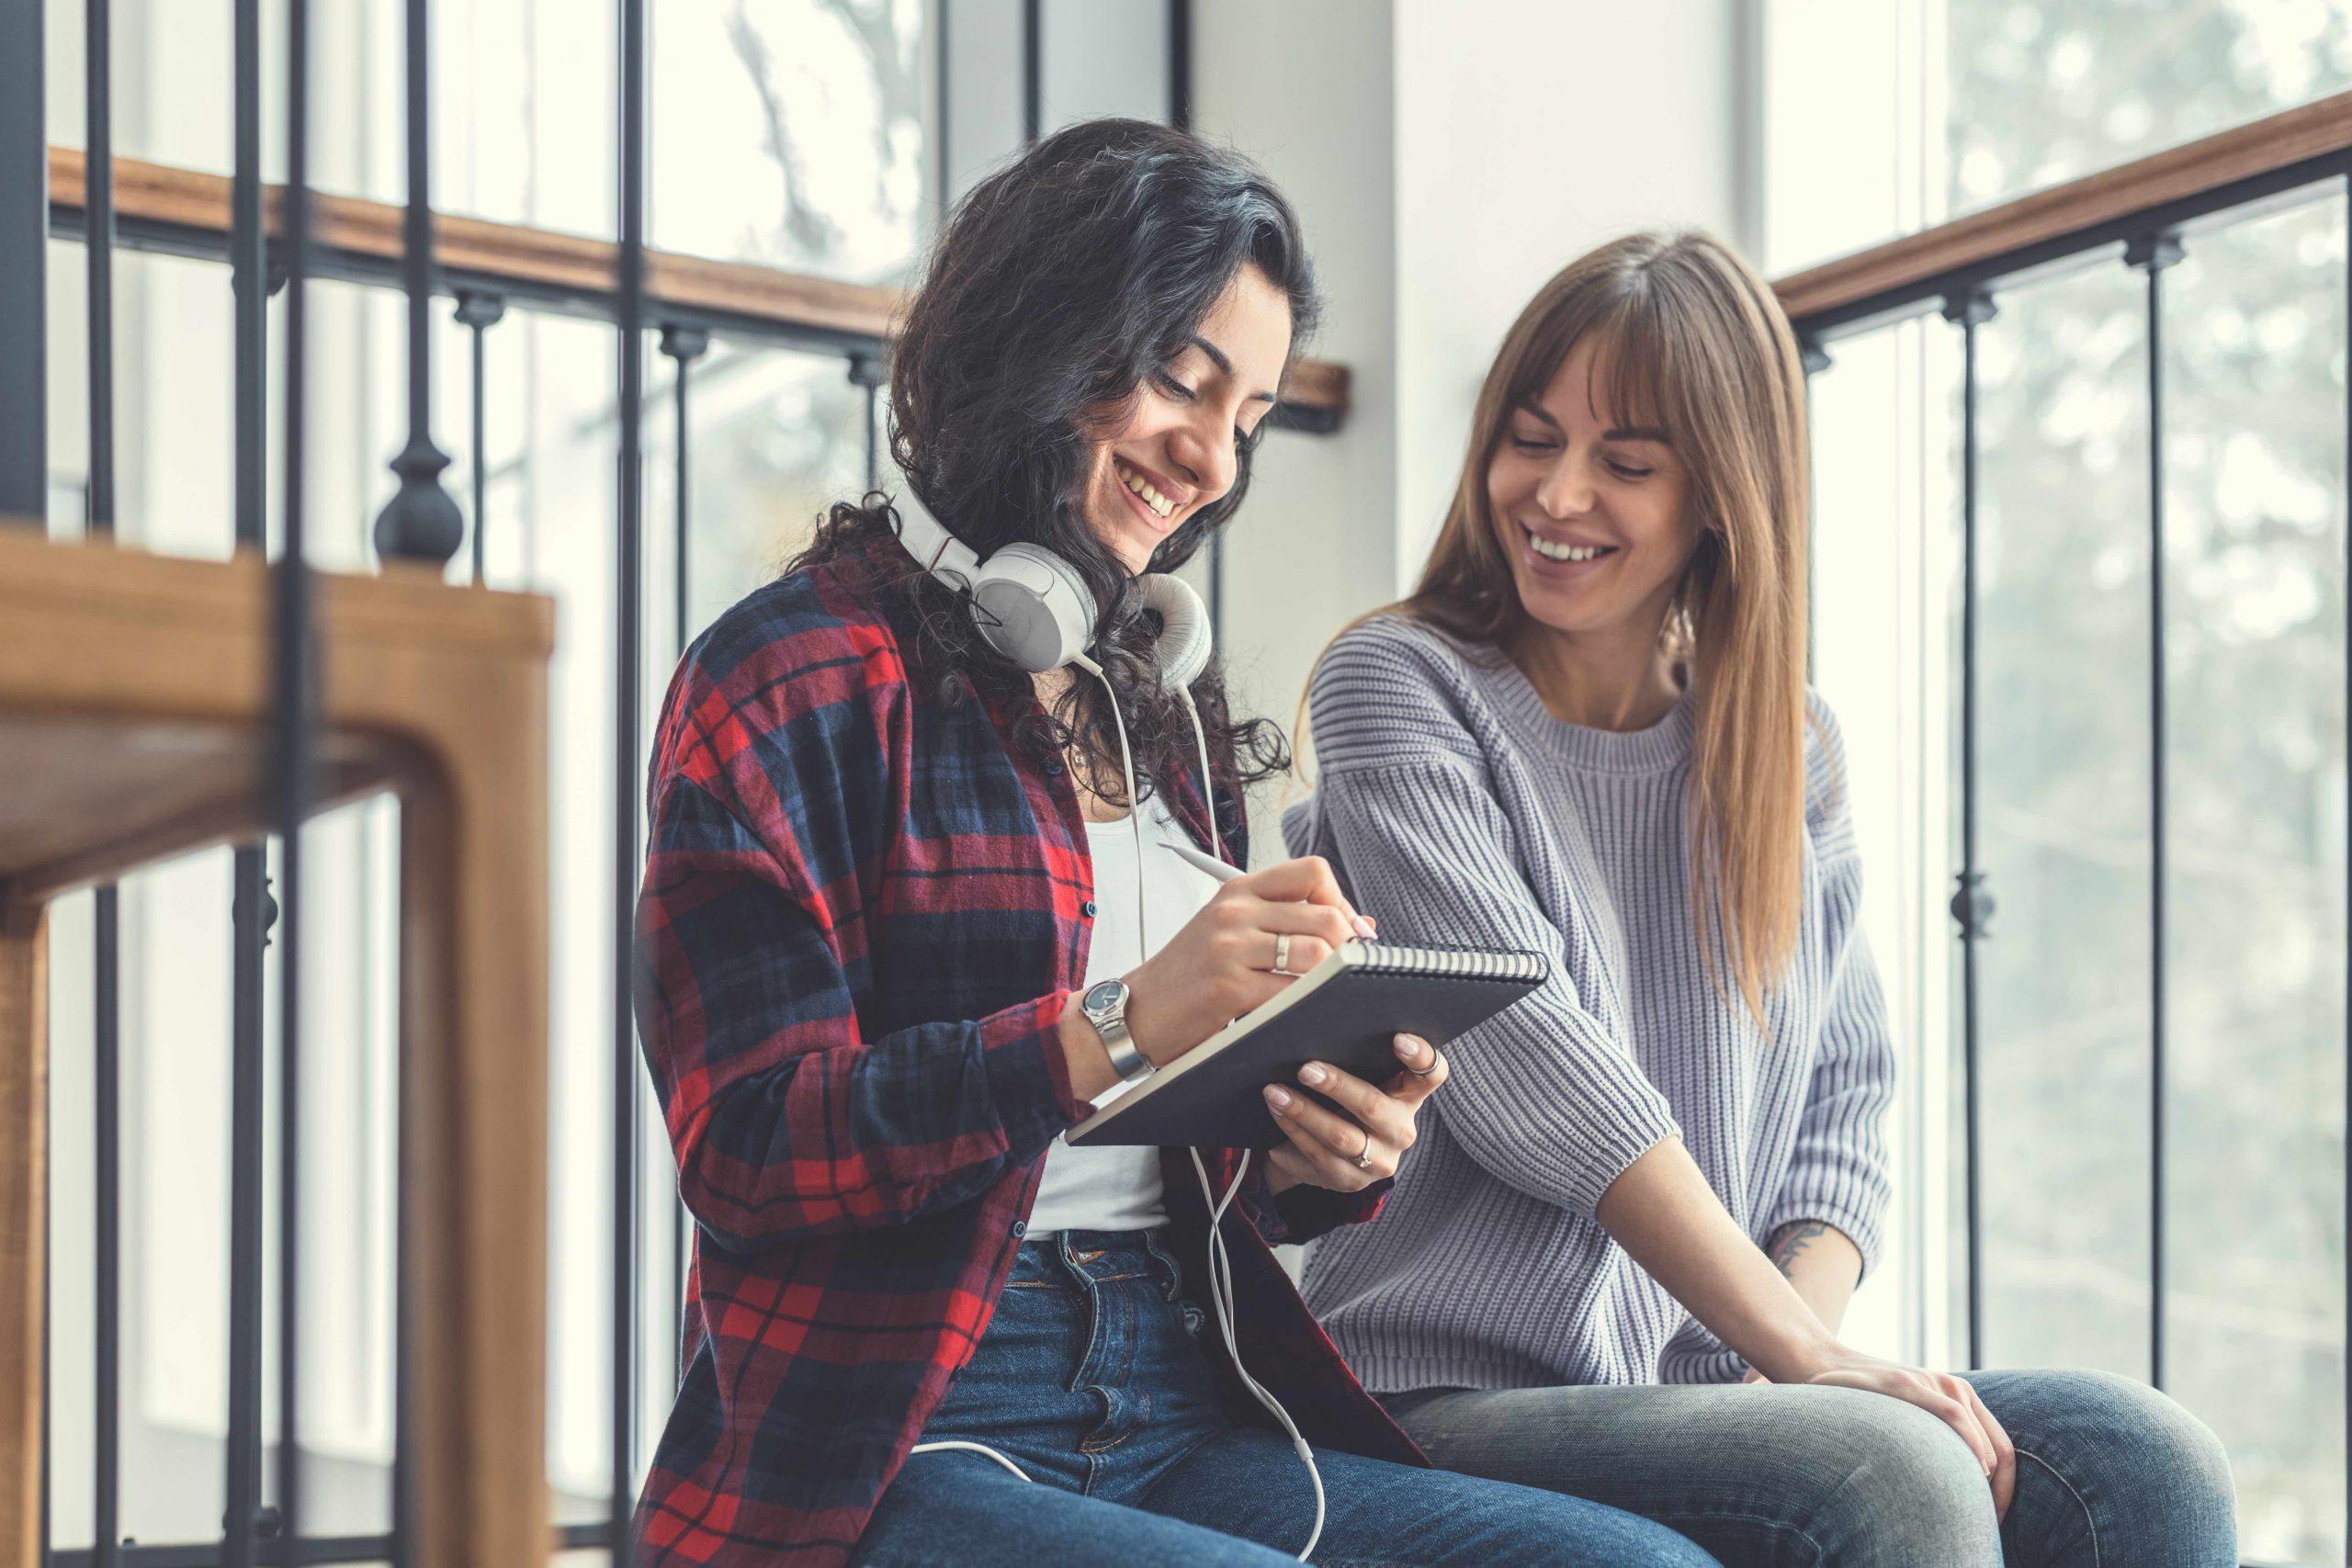 happy-students-at-meeting-GKLFQPY.jpg